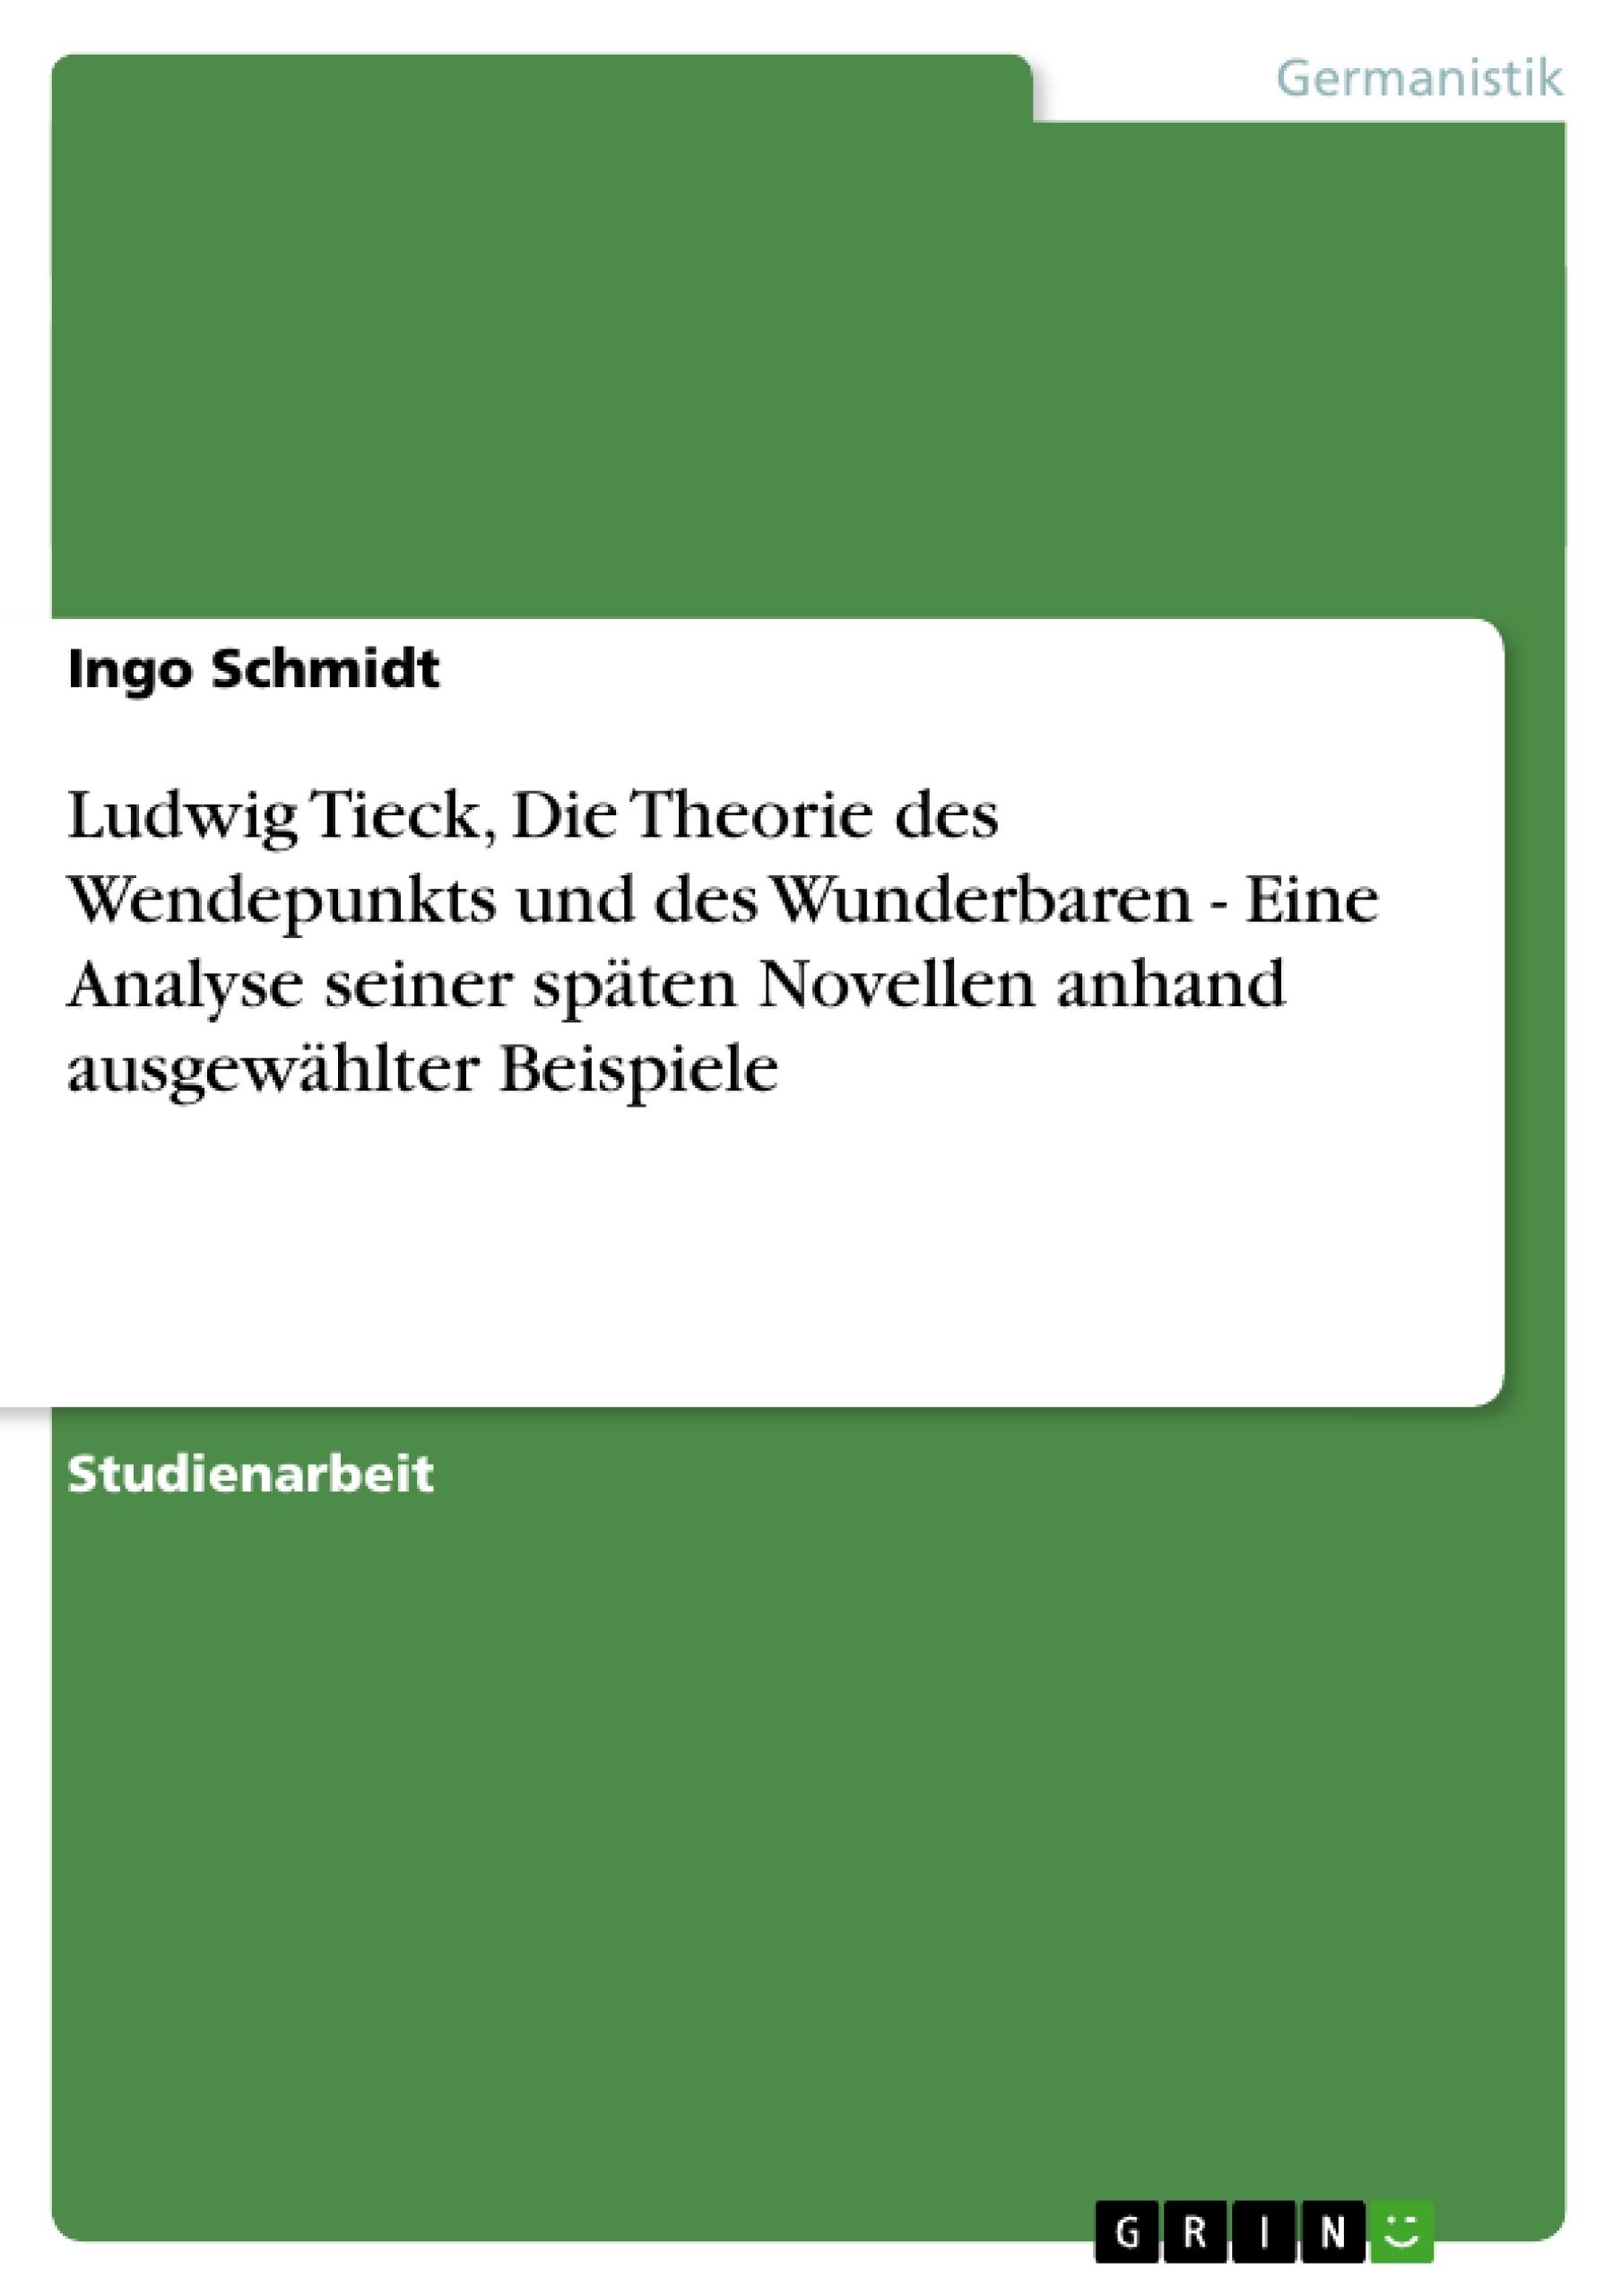 Titel: Ludwig Tieck, Die Theorie des Wendepunkts und des Wunderbaren - Eine Analyse seiner späten Novellen anhand ausgewählter Beispiele